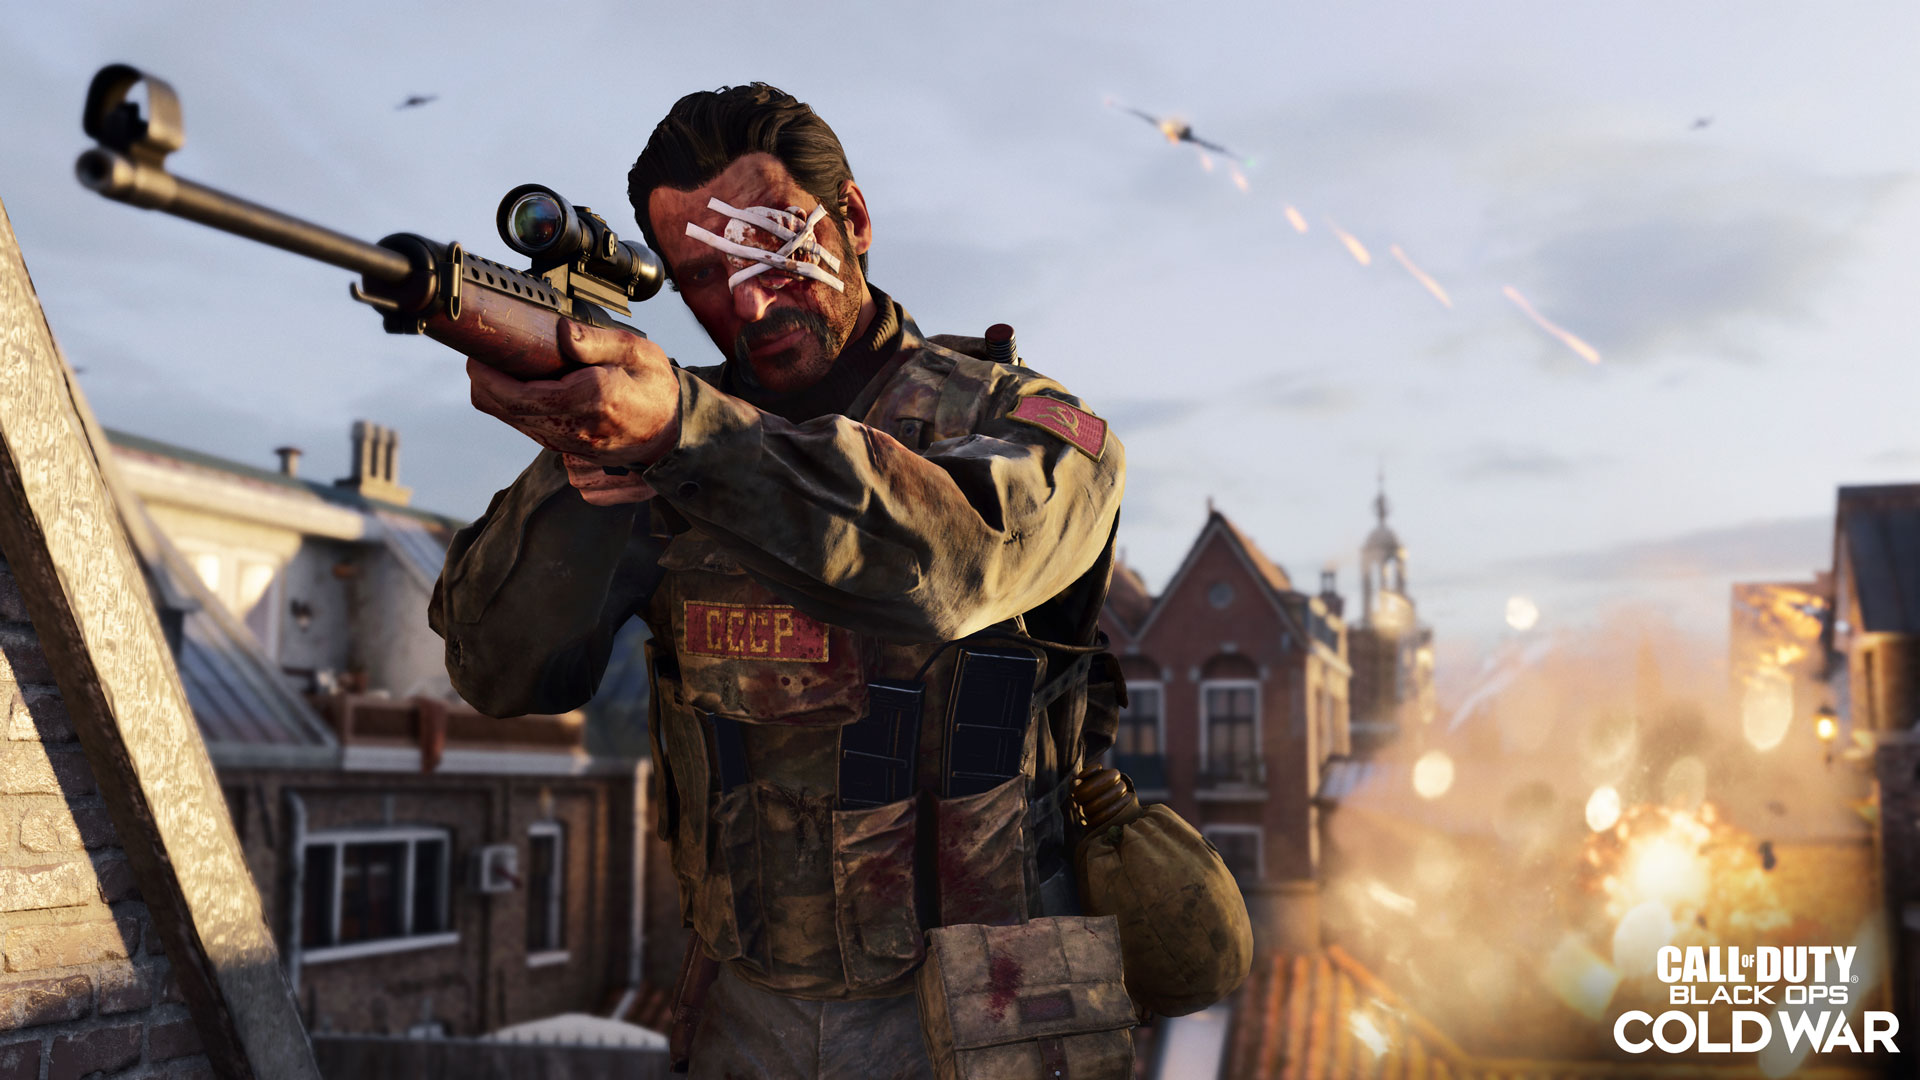 Mann mit bandagiertem Auge hält eine Waffe